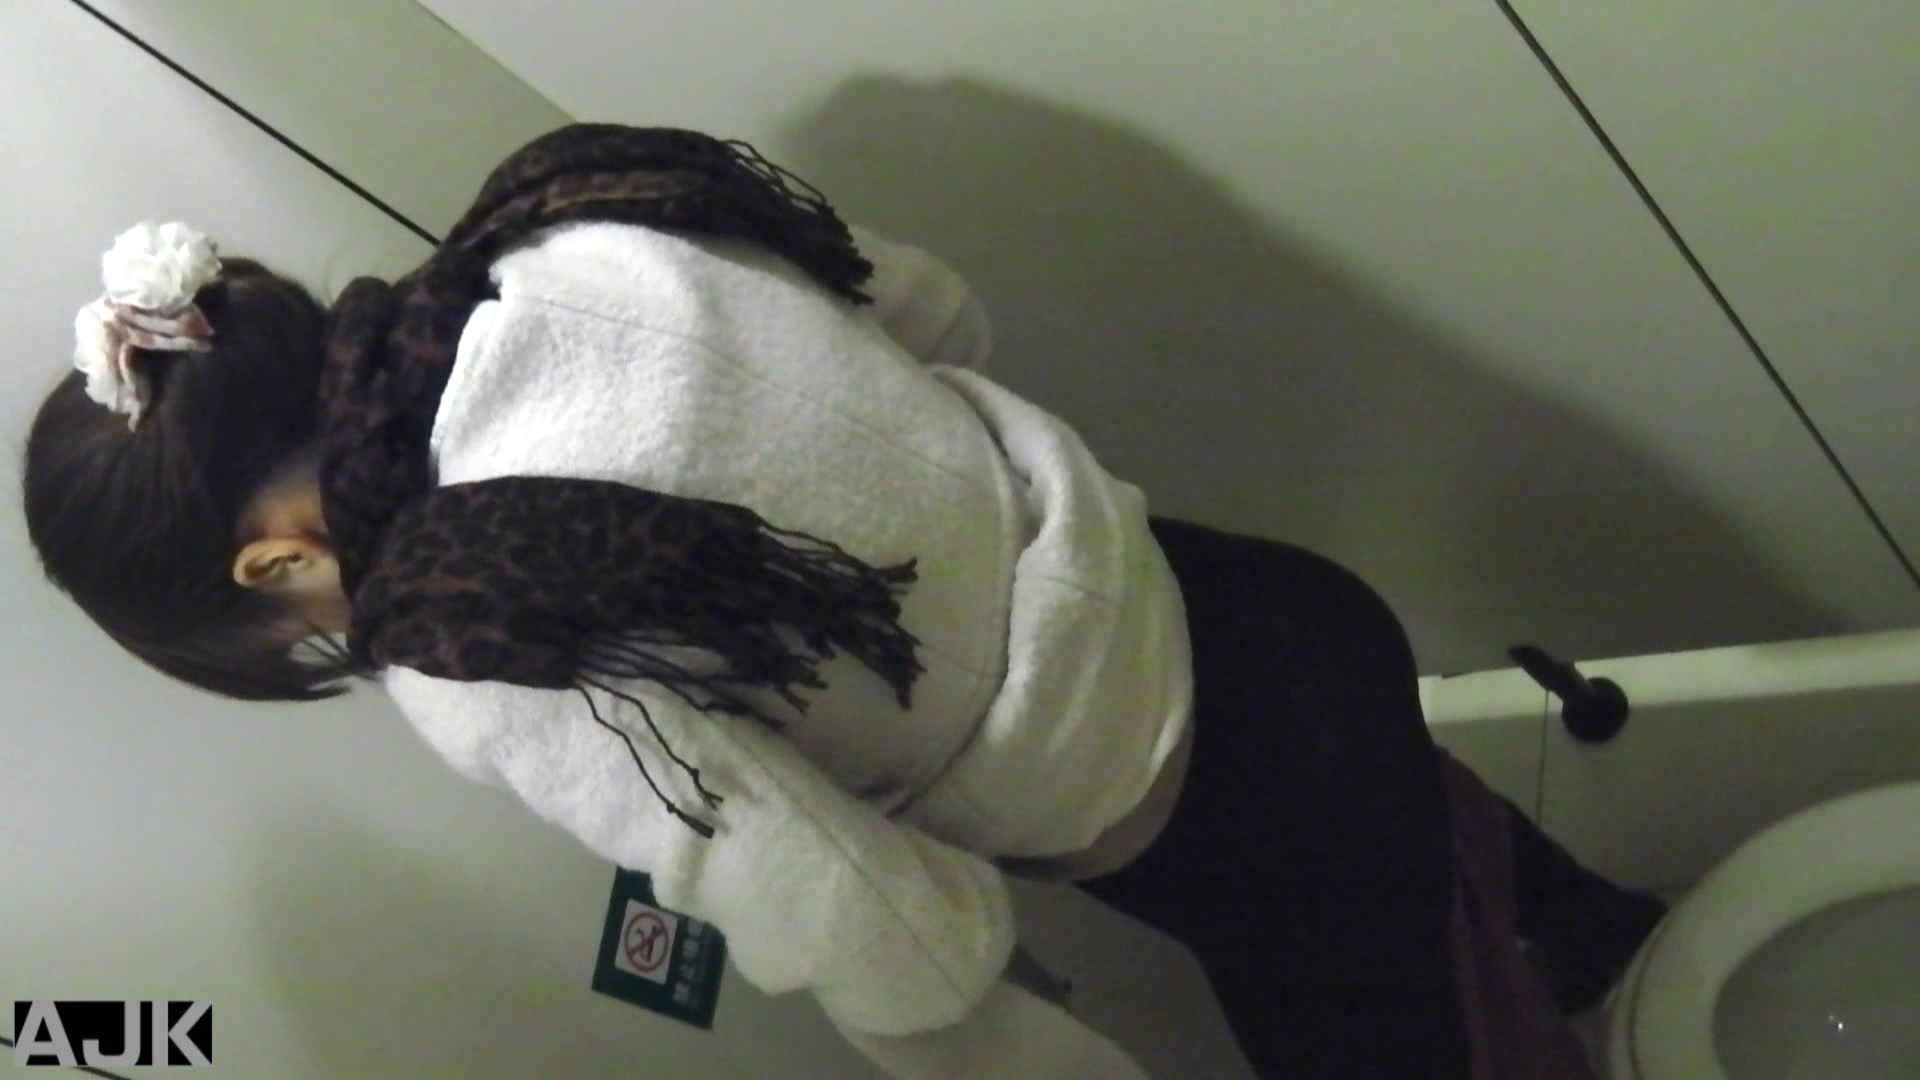 隣国上階級エリアの令嬢たちが集うデパートお手洗い Vol.16 洗面所のぞき アダルト動画キャプチャ 91枚 13